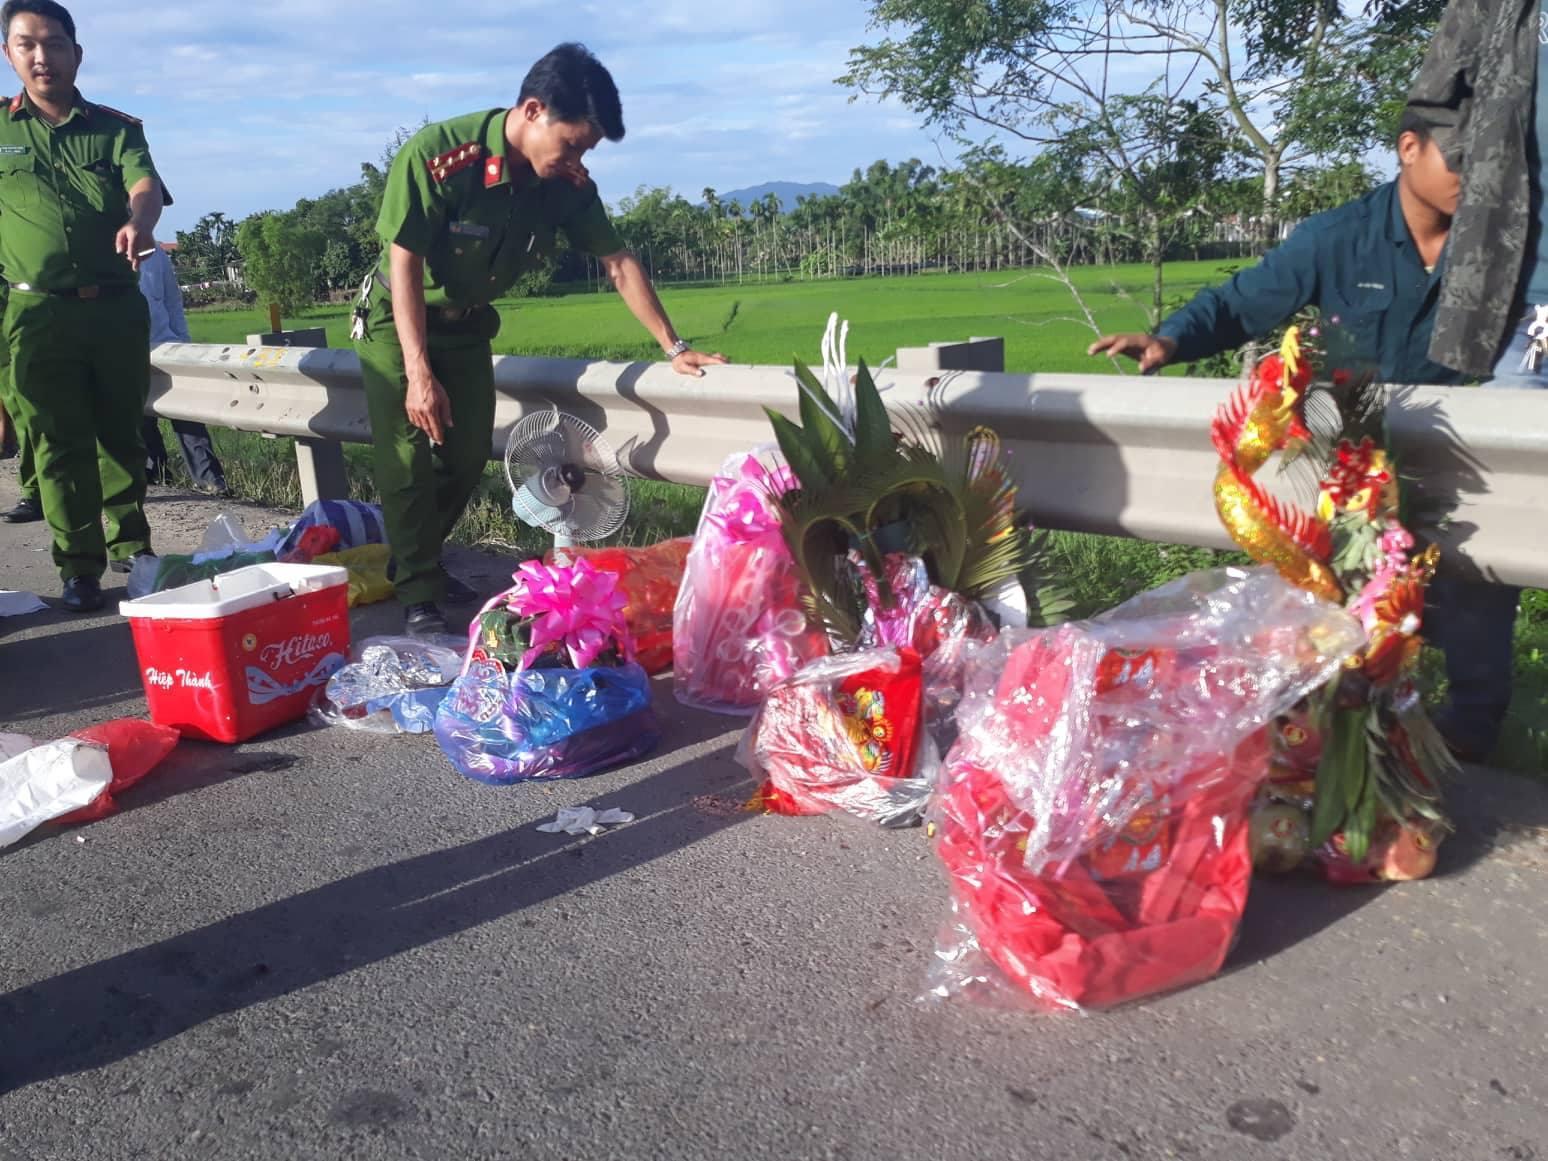 tai nạn,tai nạn giao thông,tai nạn ô tô,tai nạn chết người,Quảng Nam,tai nạn nghiêm trọng